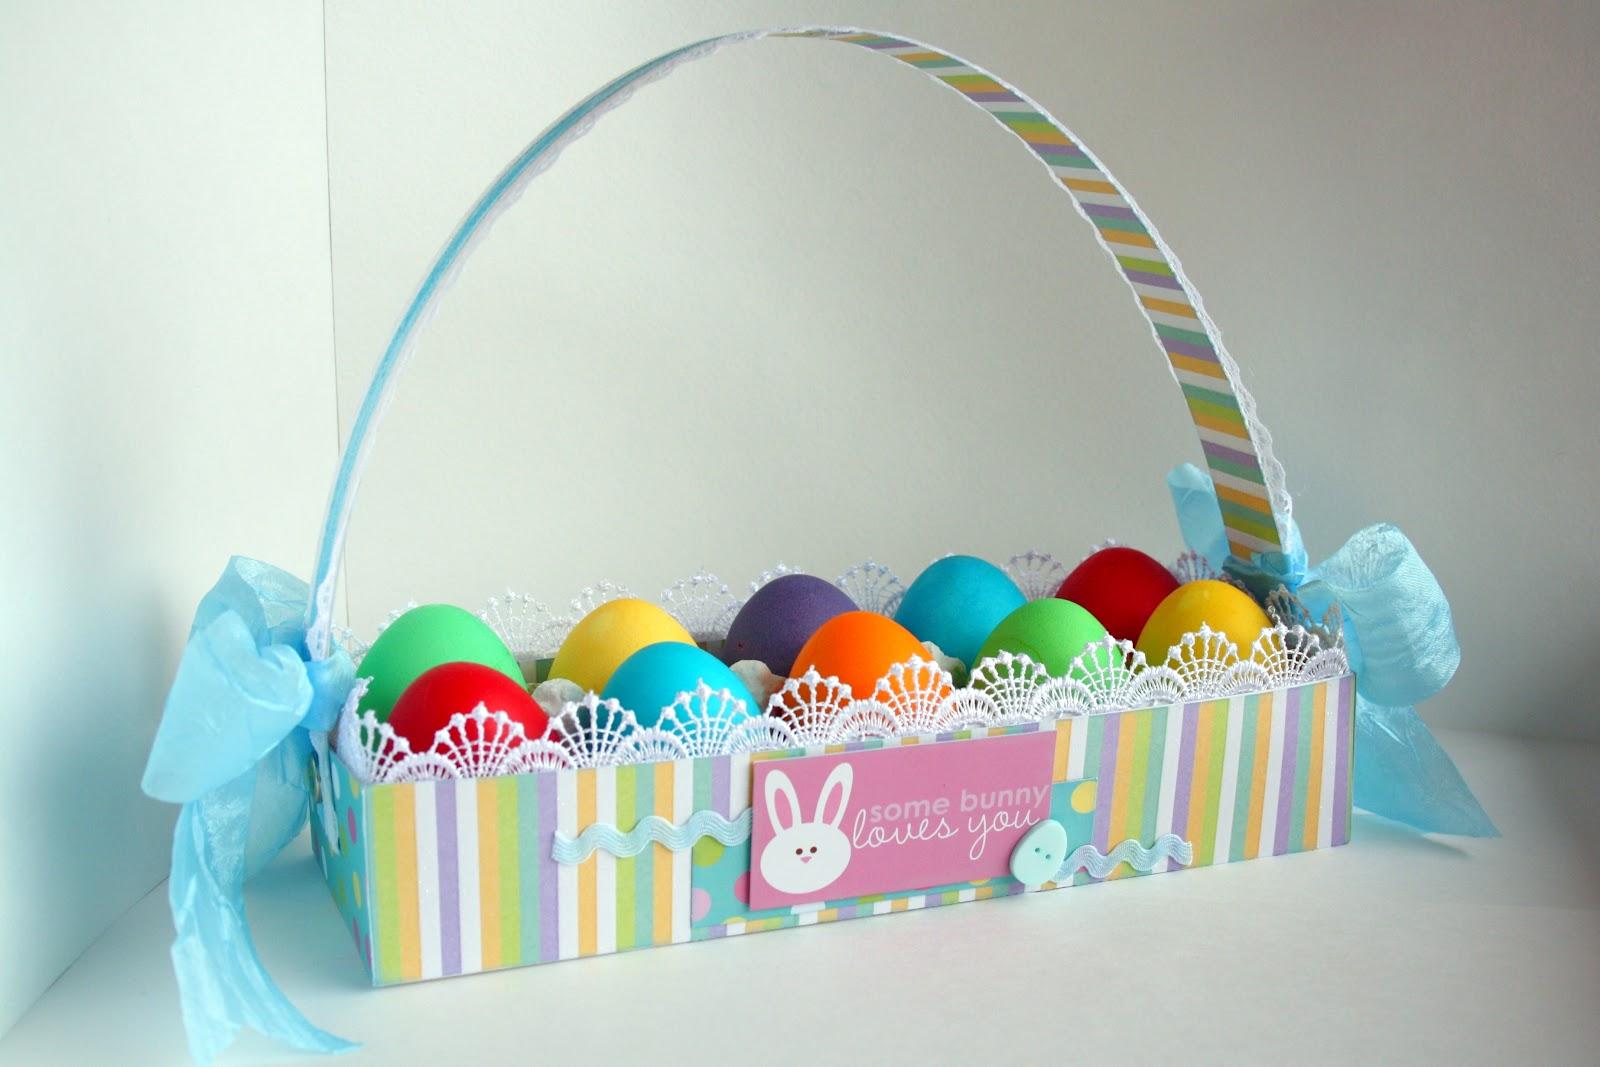 как украсить торт в домашних условиях конфетами фото пошагово